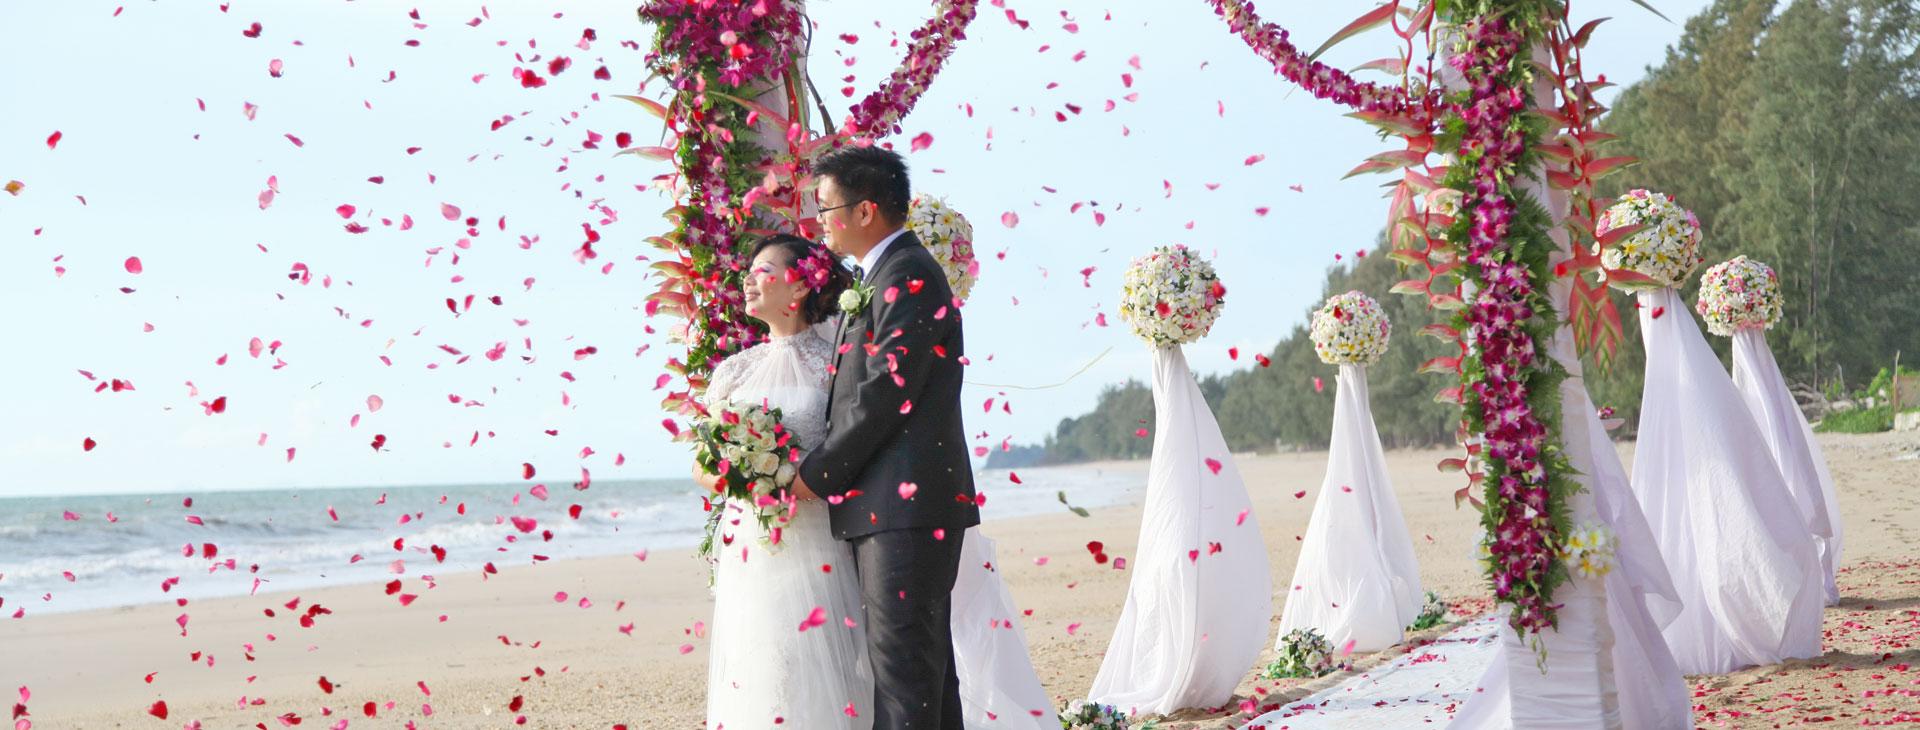 Matrimonio Simbolico In Thailandia : Matrimonio sulla spiaggia in thailandia fant asia travel